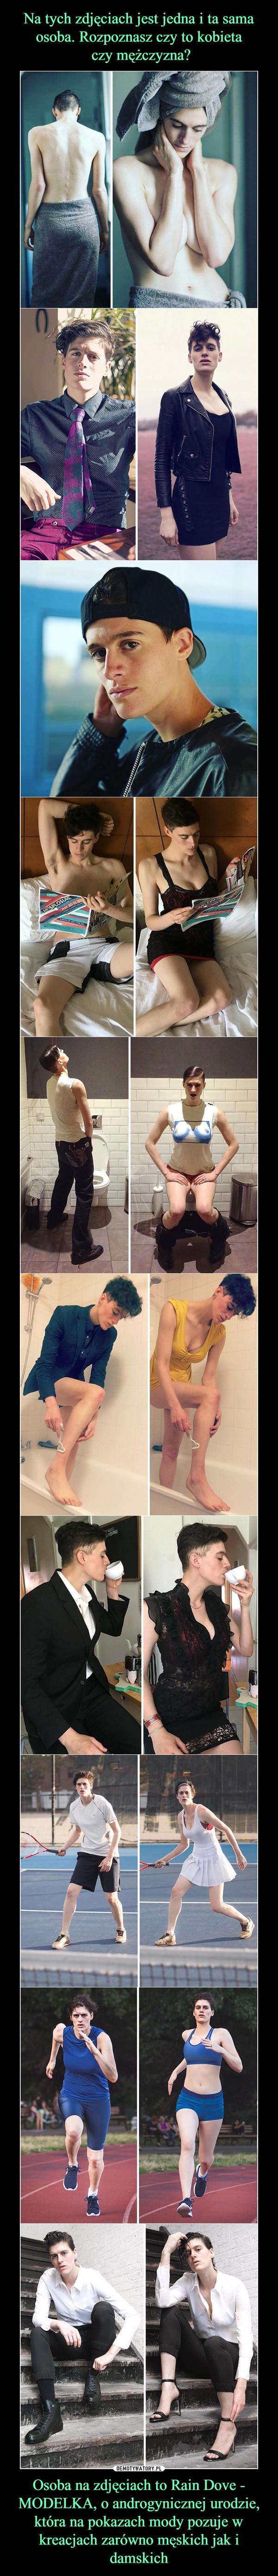 Osoba na zdjęciach to Rain Dove - MODELKA, o androgynicznej urodzie, która na pokazach mody pozuje w kreacjach zarówno męskich jak i damskich –